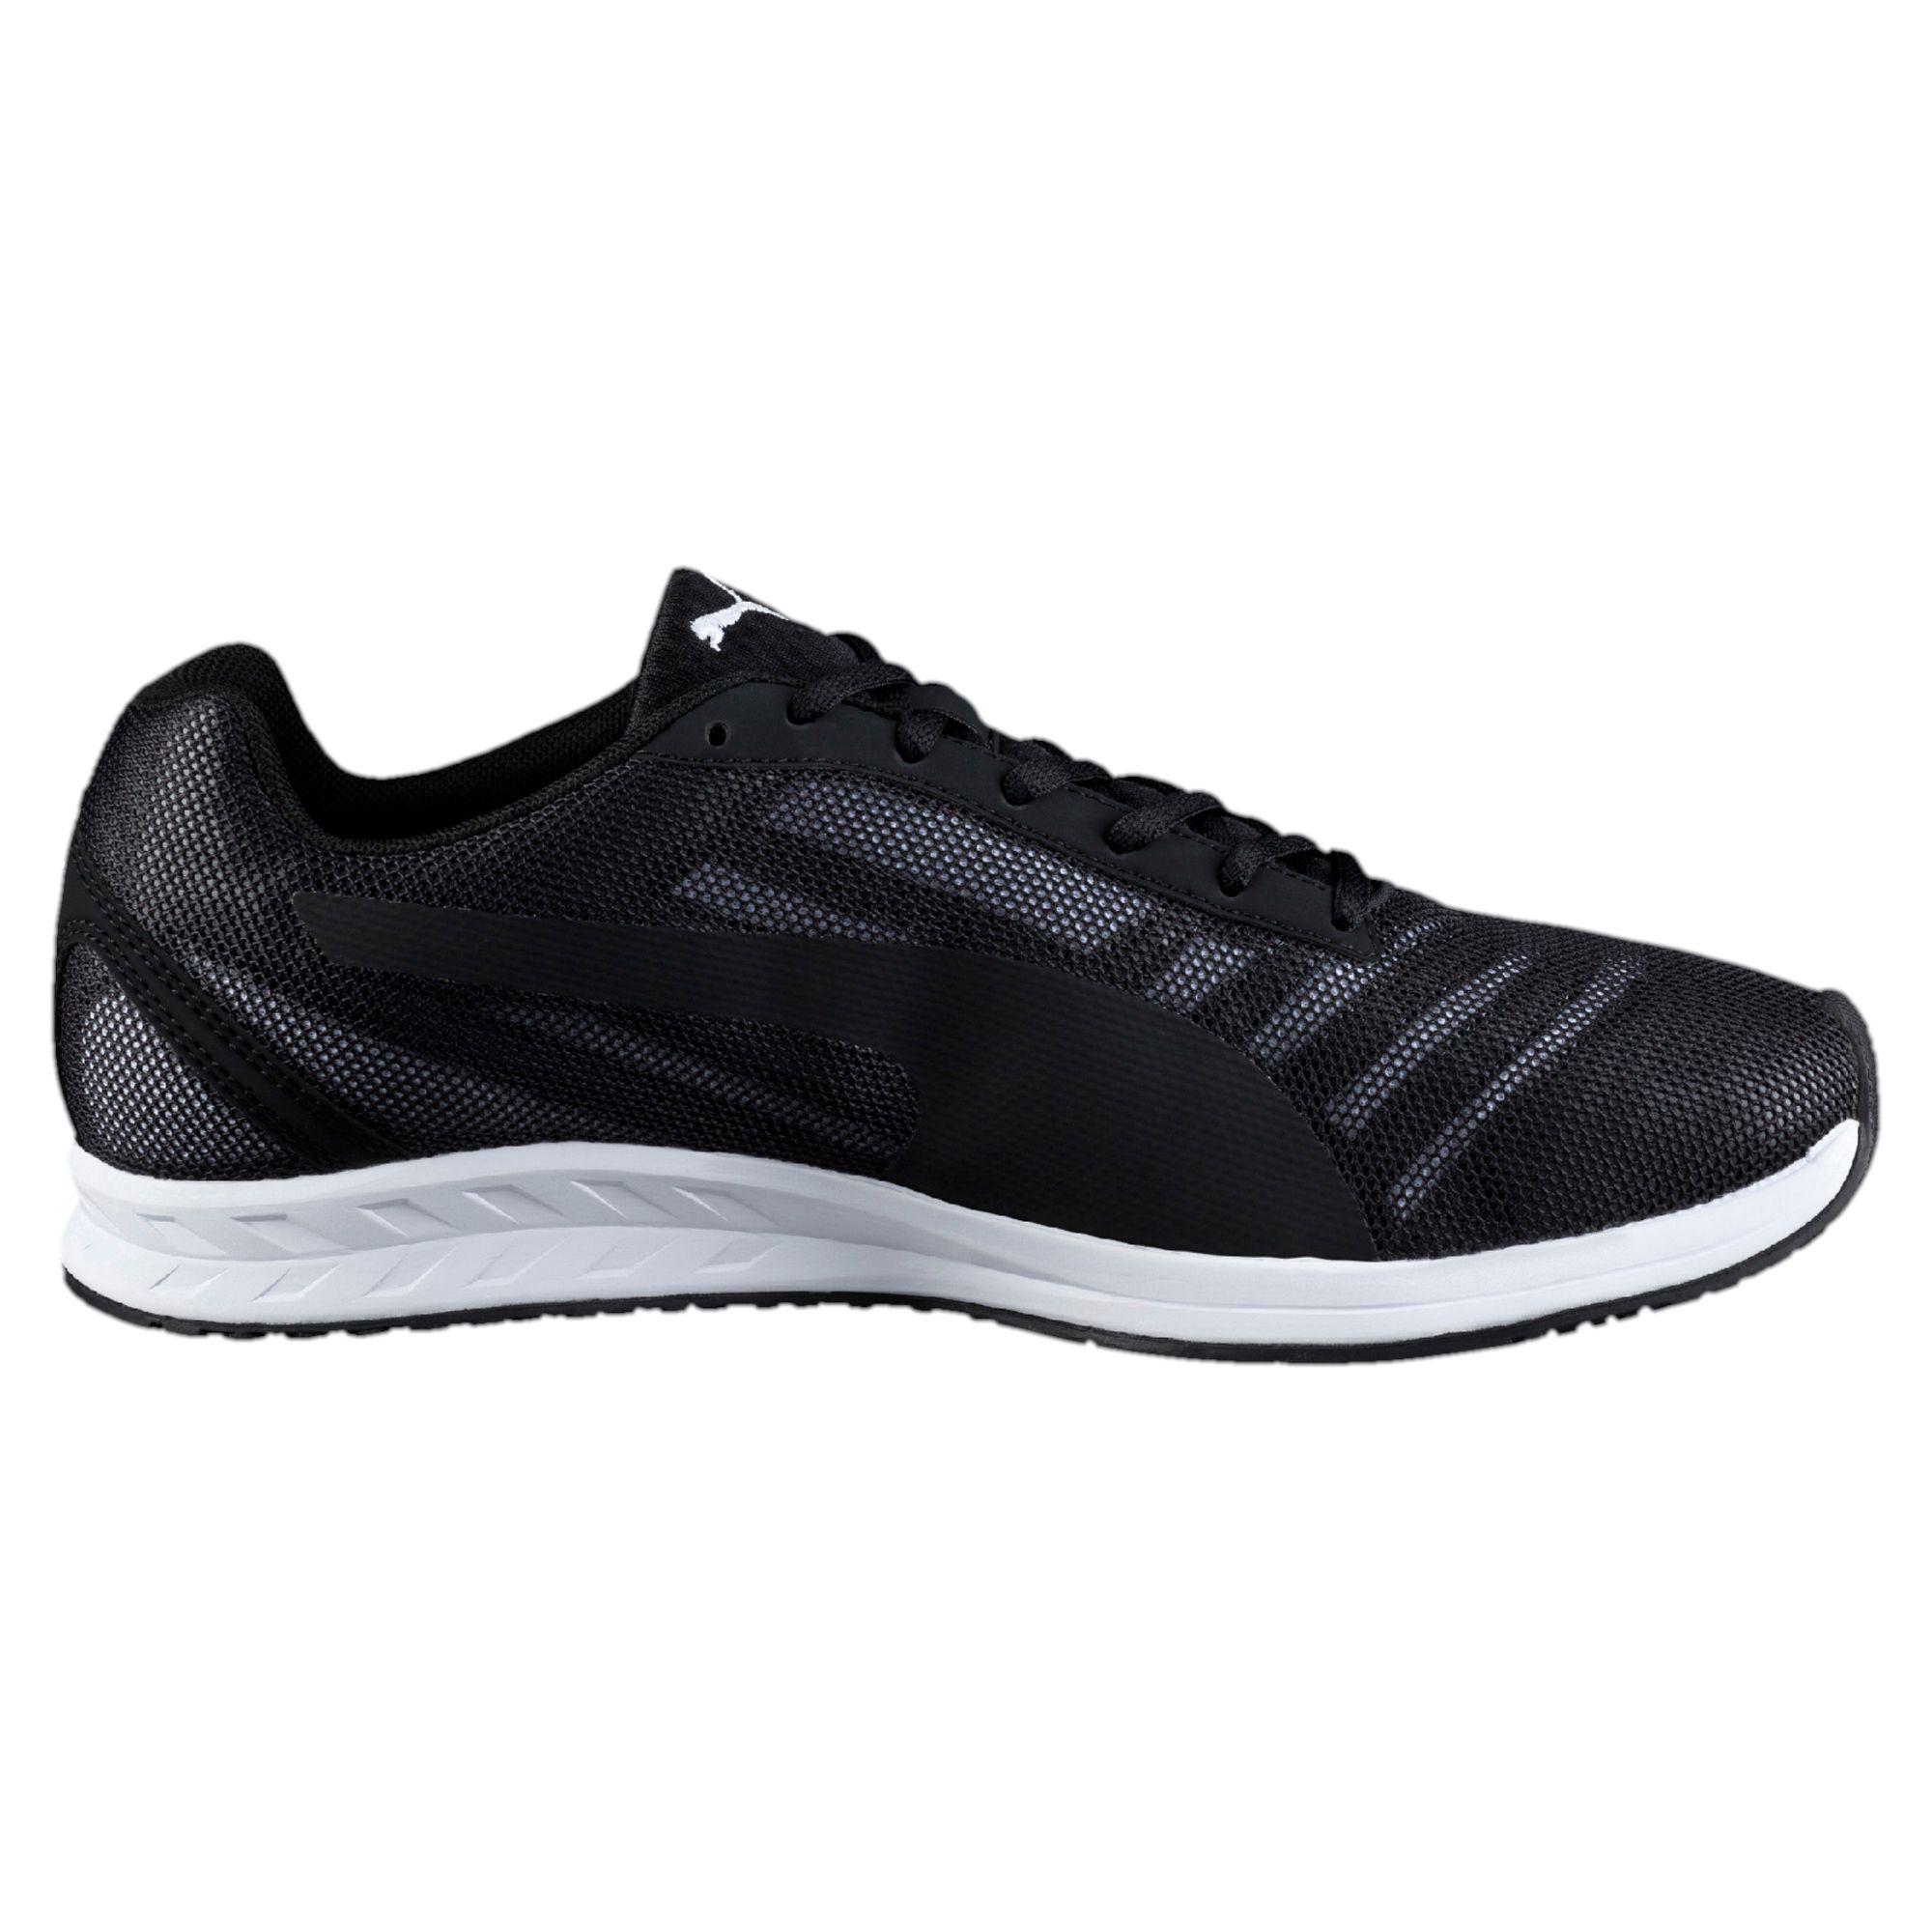 Hommes Chaussures Burst Course Neuf Sur Chaussure De Détails Puma PkuXZTiO